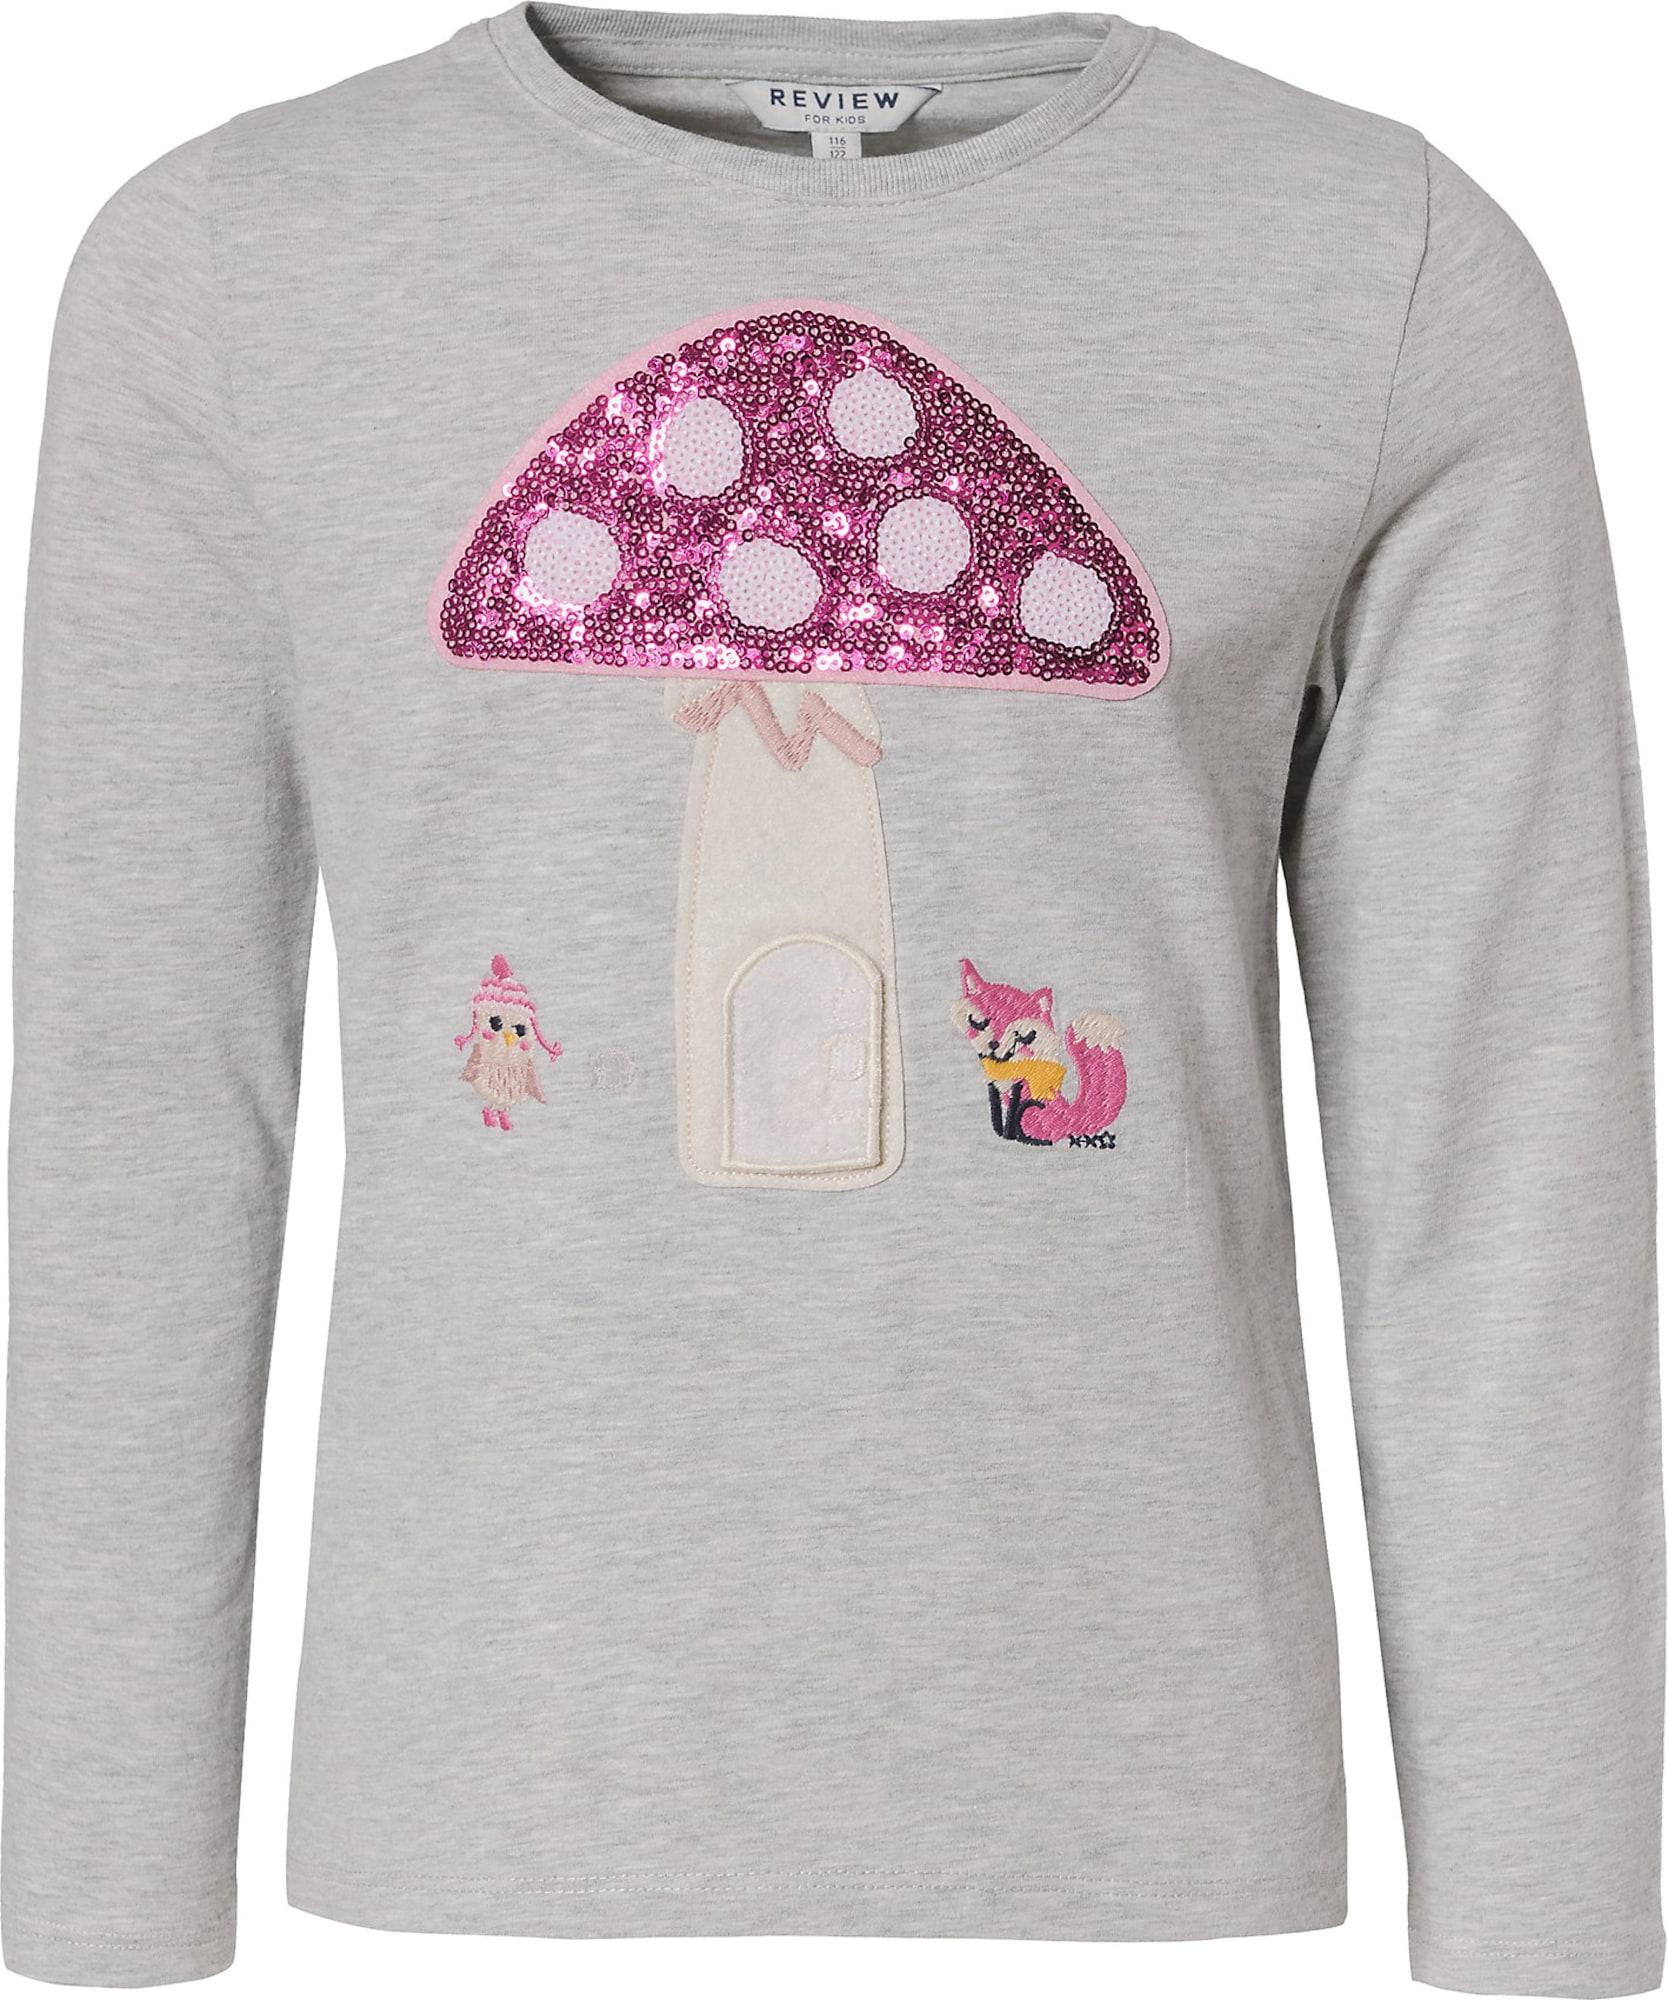 REVIEW FOR KIDS Tričko  sivá / zmiešané farby